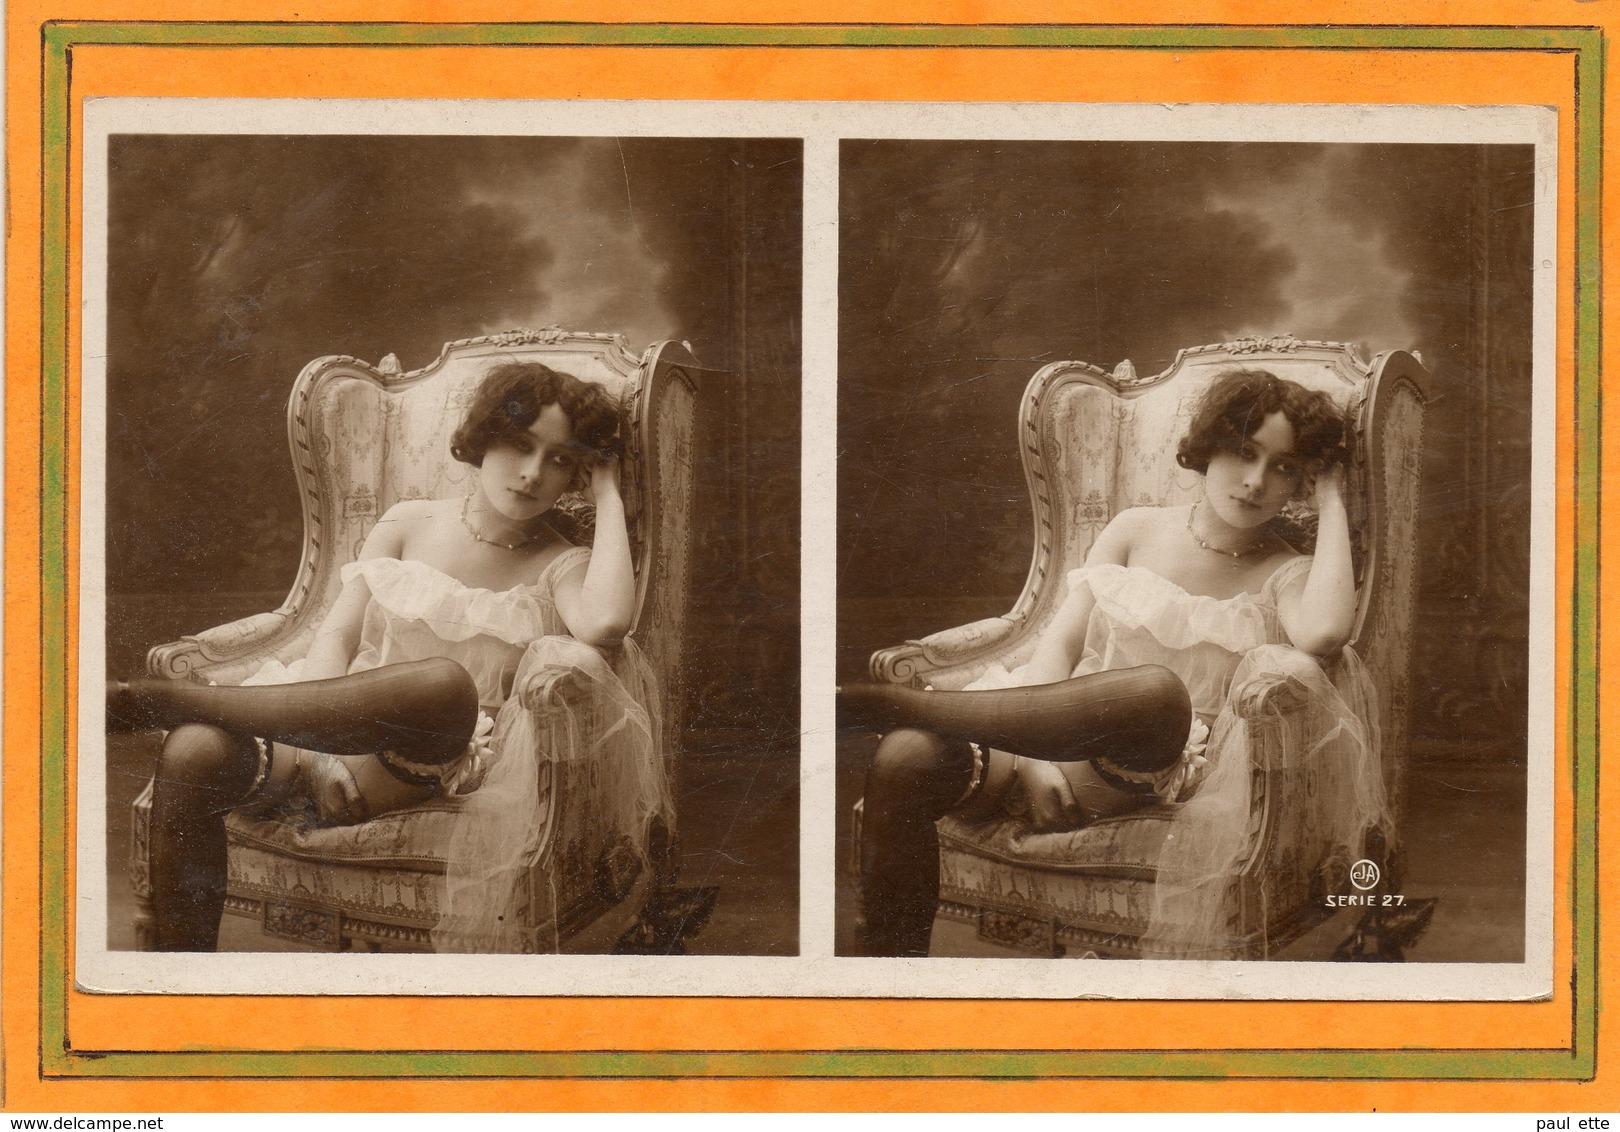 CPA - Photo érotique-stéreoscopique Femme Plus Ou Moins Nue, Légèrement Vêtue De Sous-vêtement Et Pose Suggestive - Fotografia